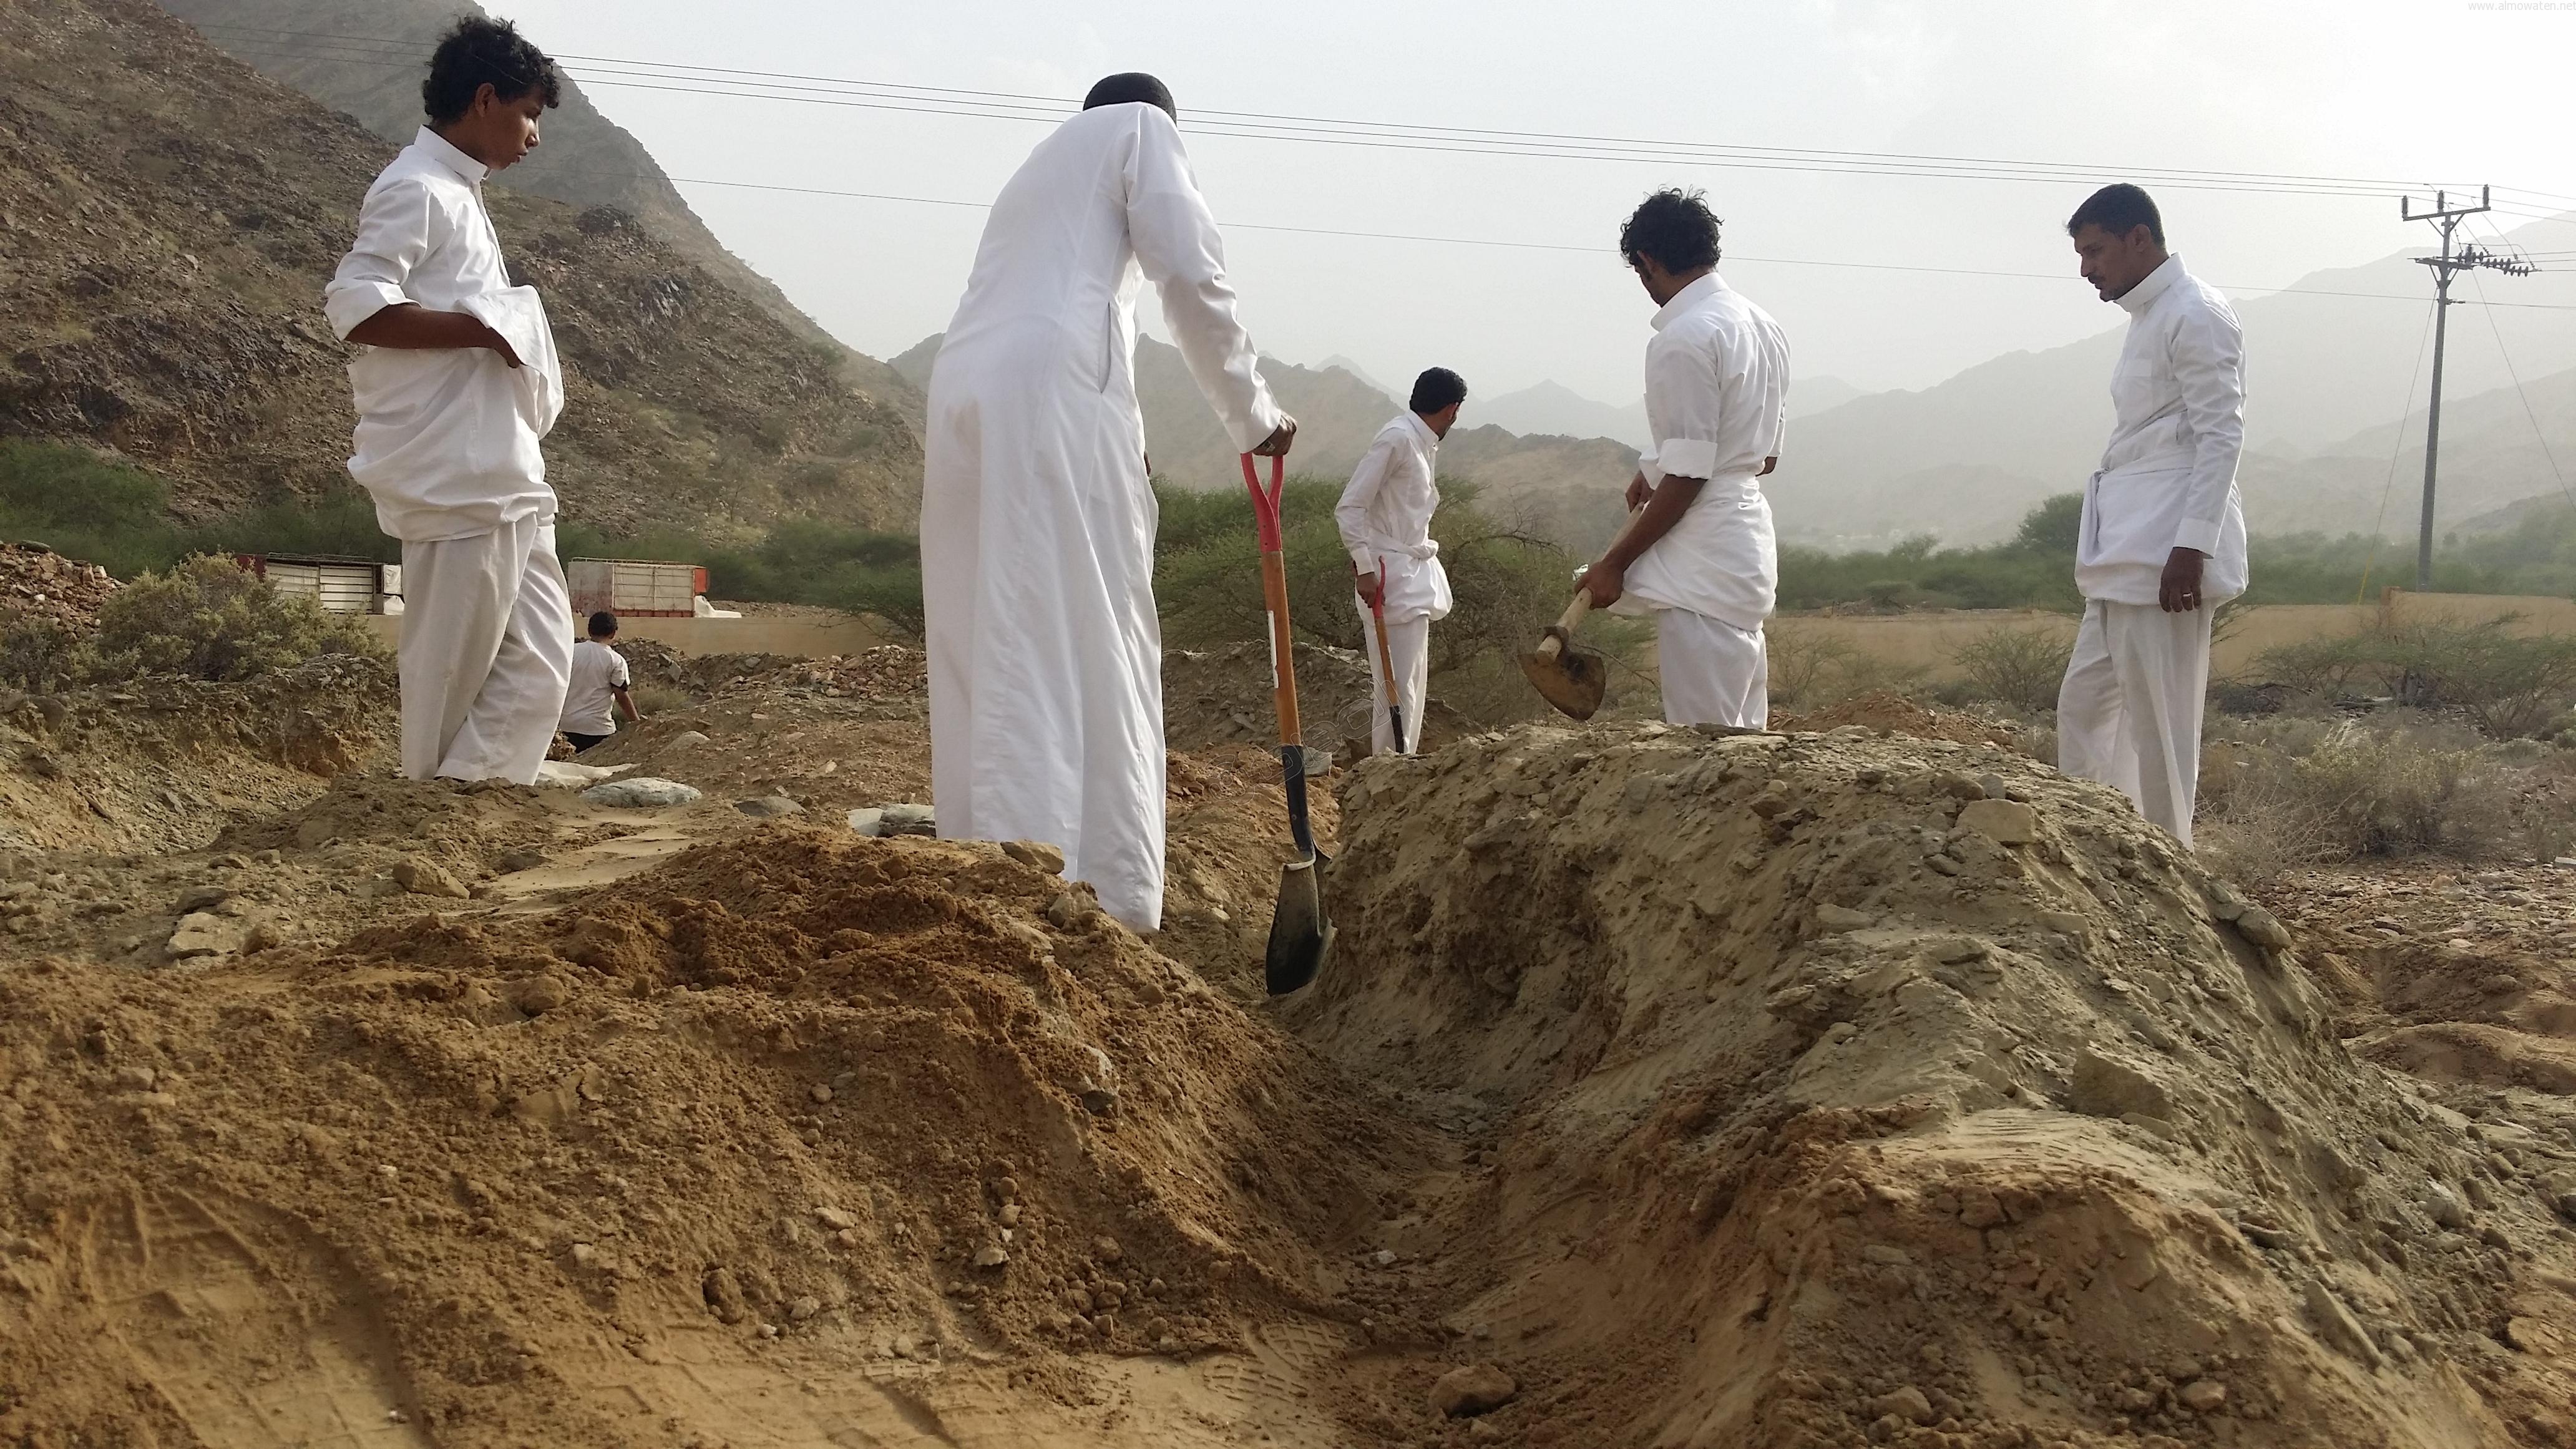 شباب #وادي_العرج ينقذون مقابرهم من السيول وبلدية #أضم غائبة (5)